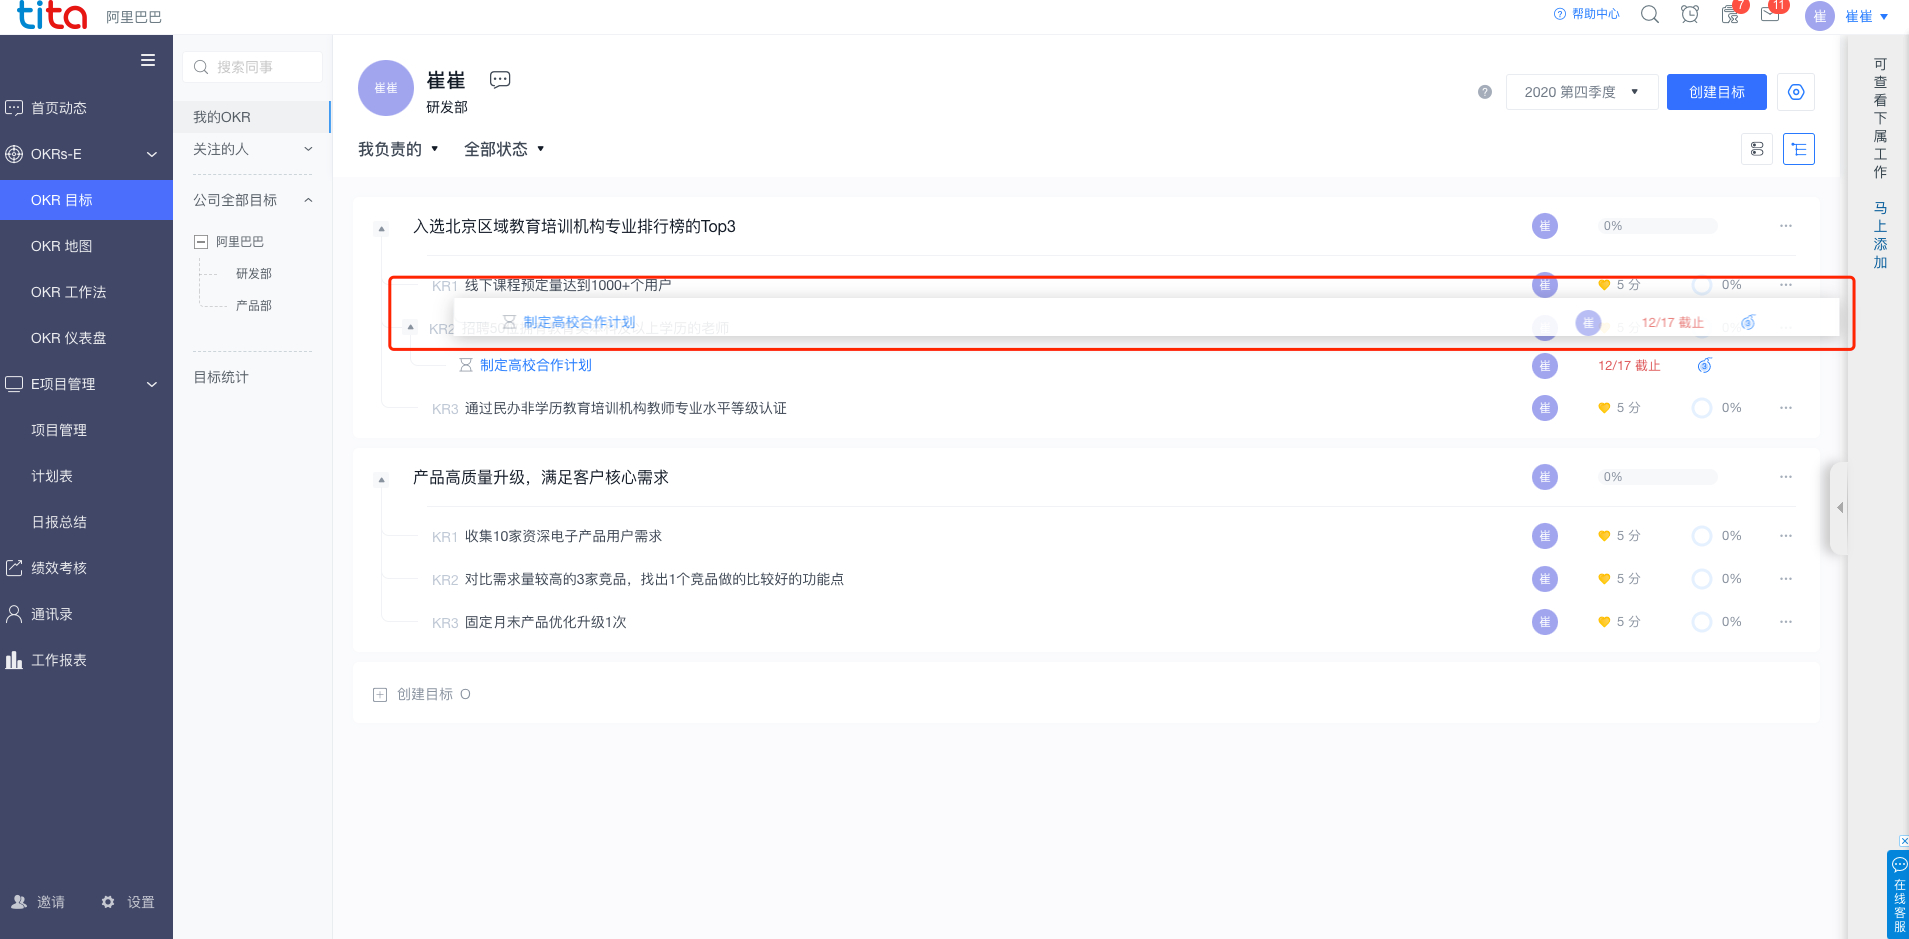 tita.com 升级 | OKR 列表优化0